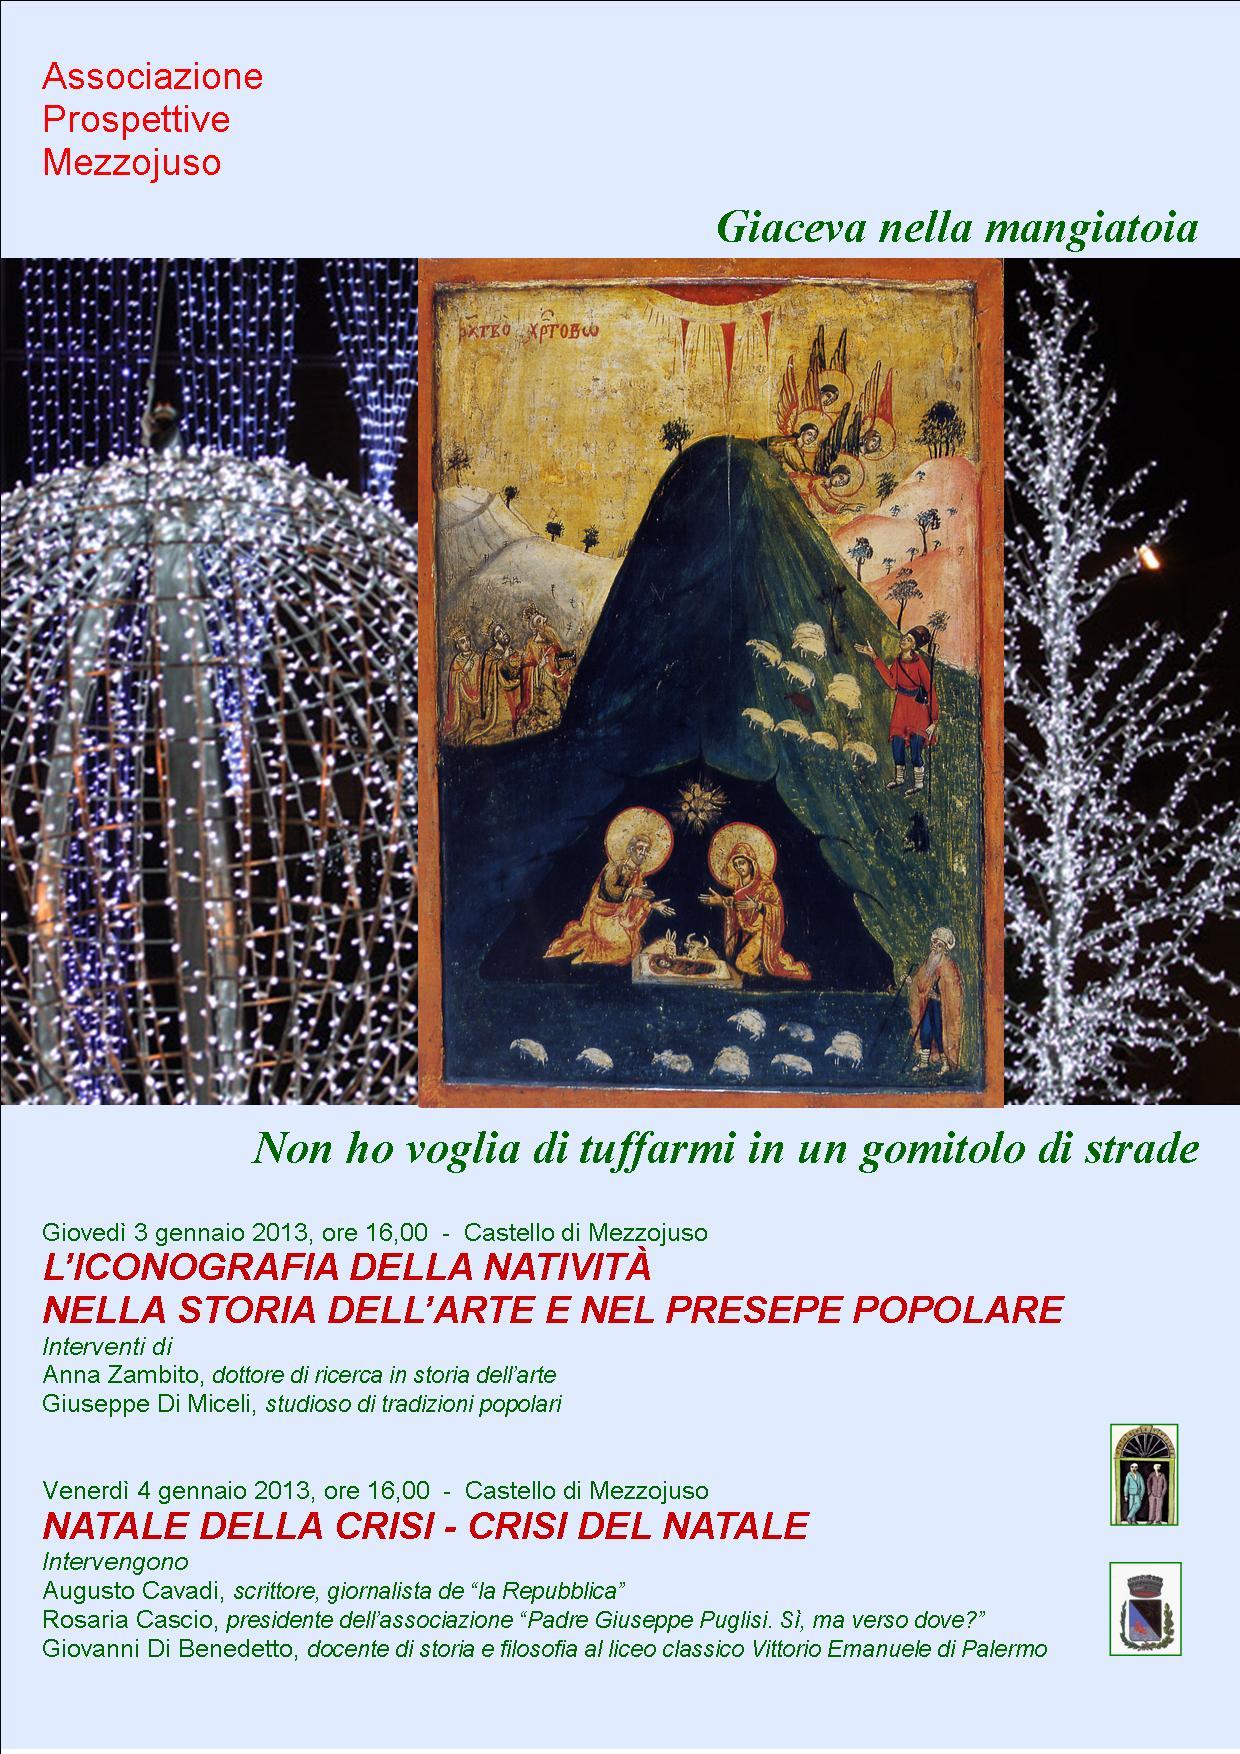 Incontri_di_Natale_al_Castello_di_Mezzojuso